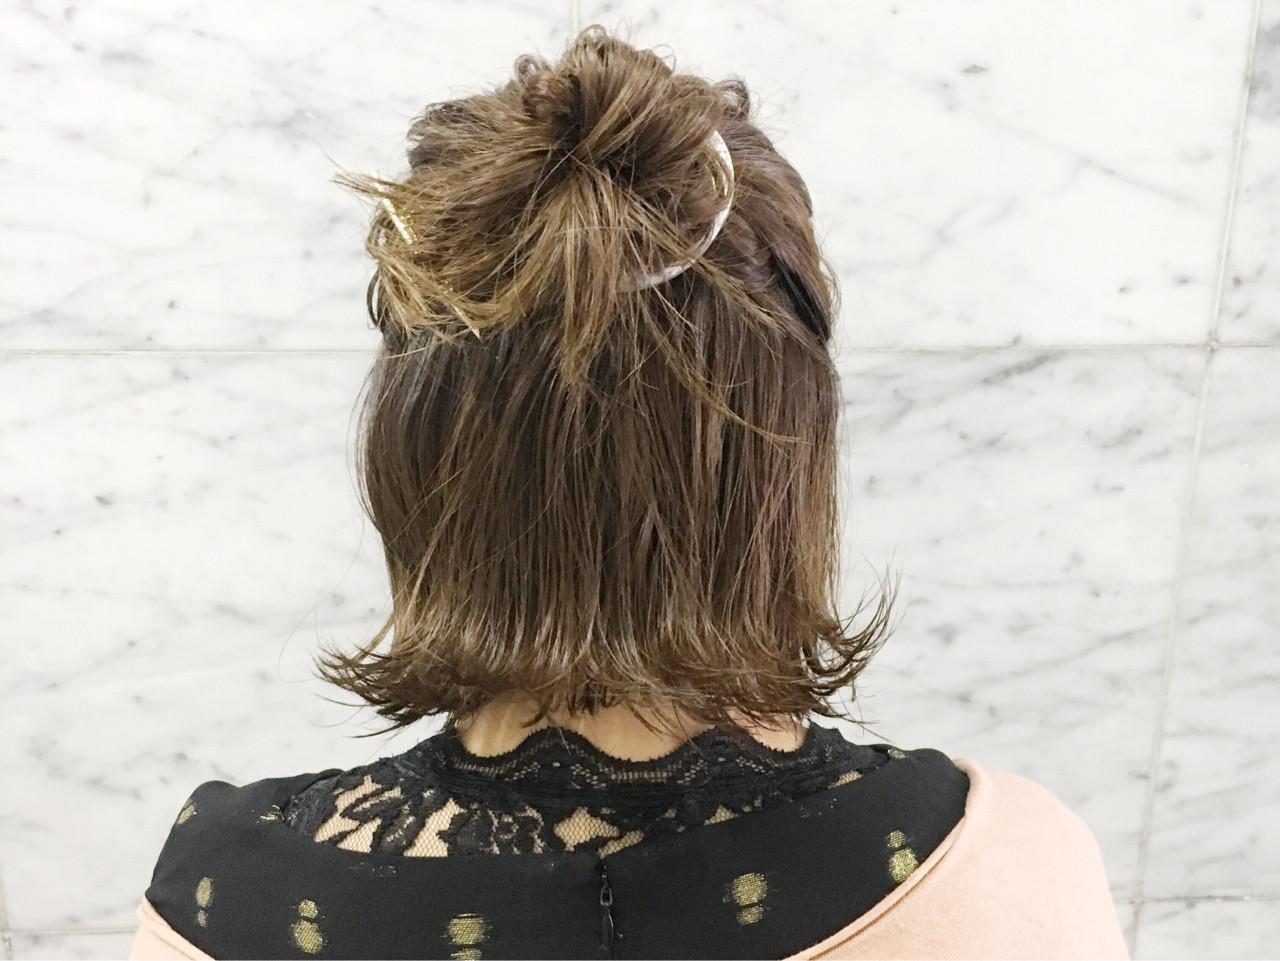 ヘアアレンジ アウトドア お団子 スポーツ ヘアスタイルや髪型の写真・画像